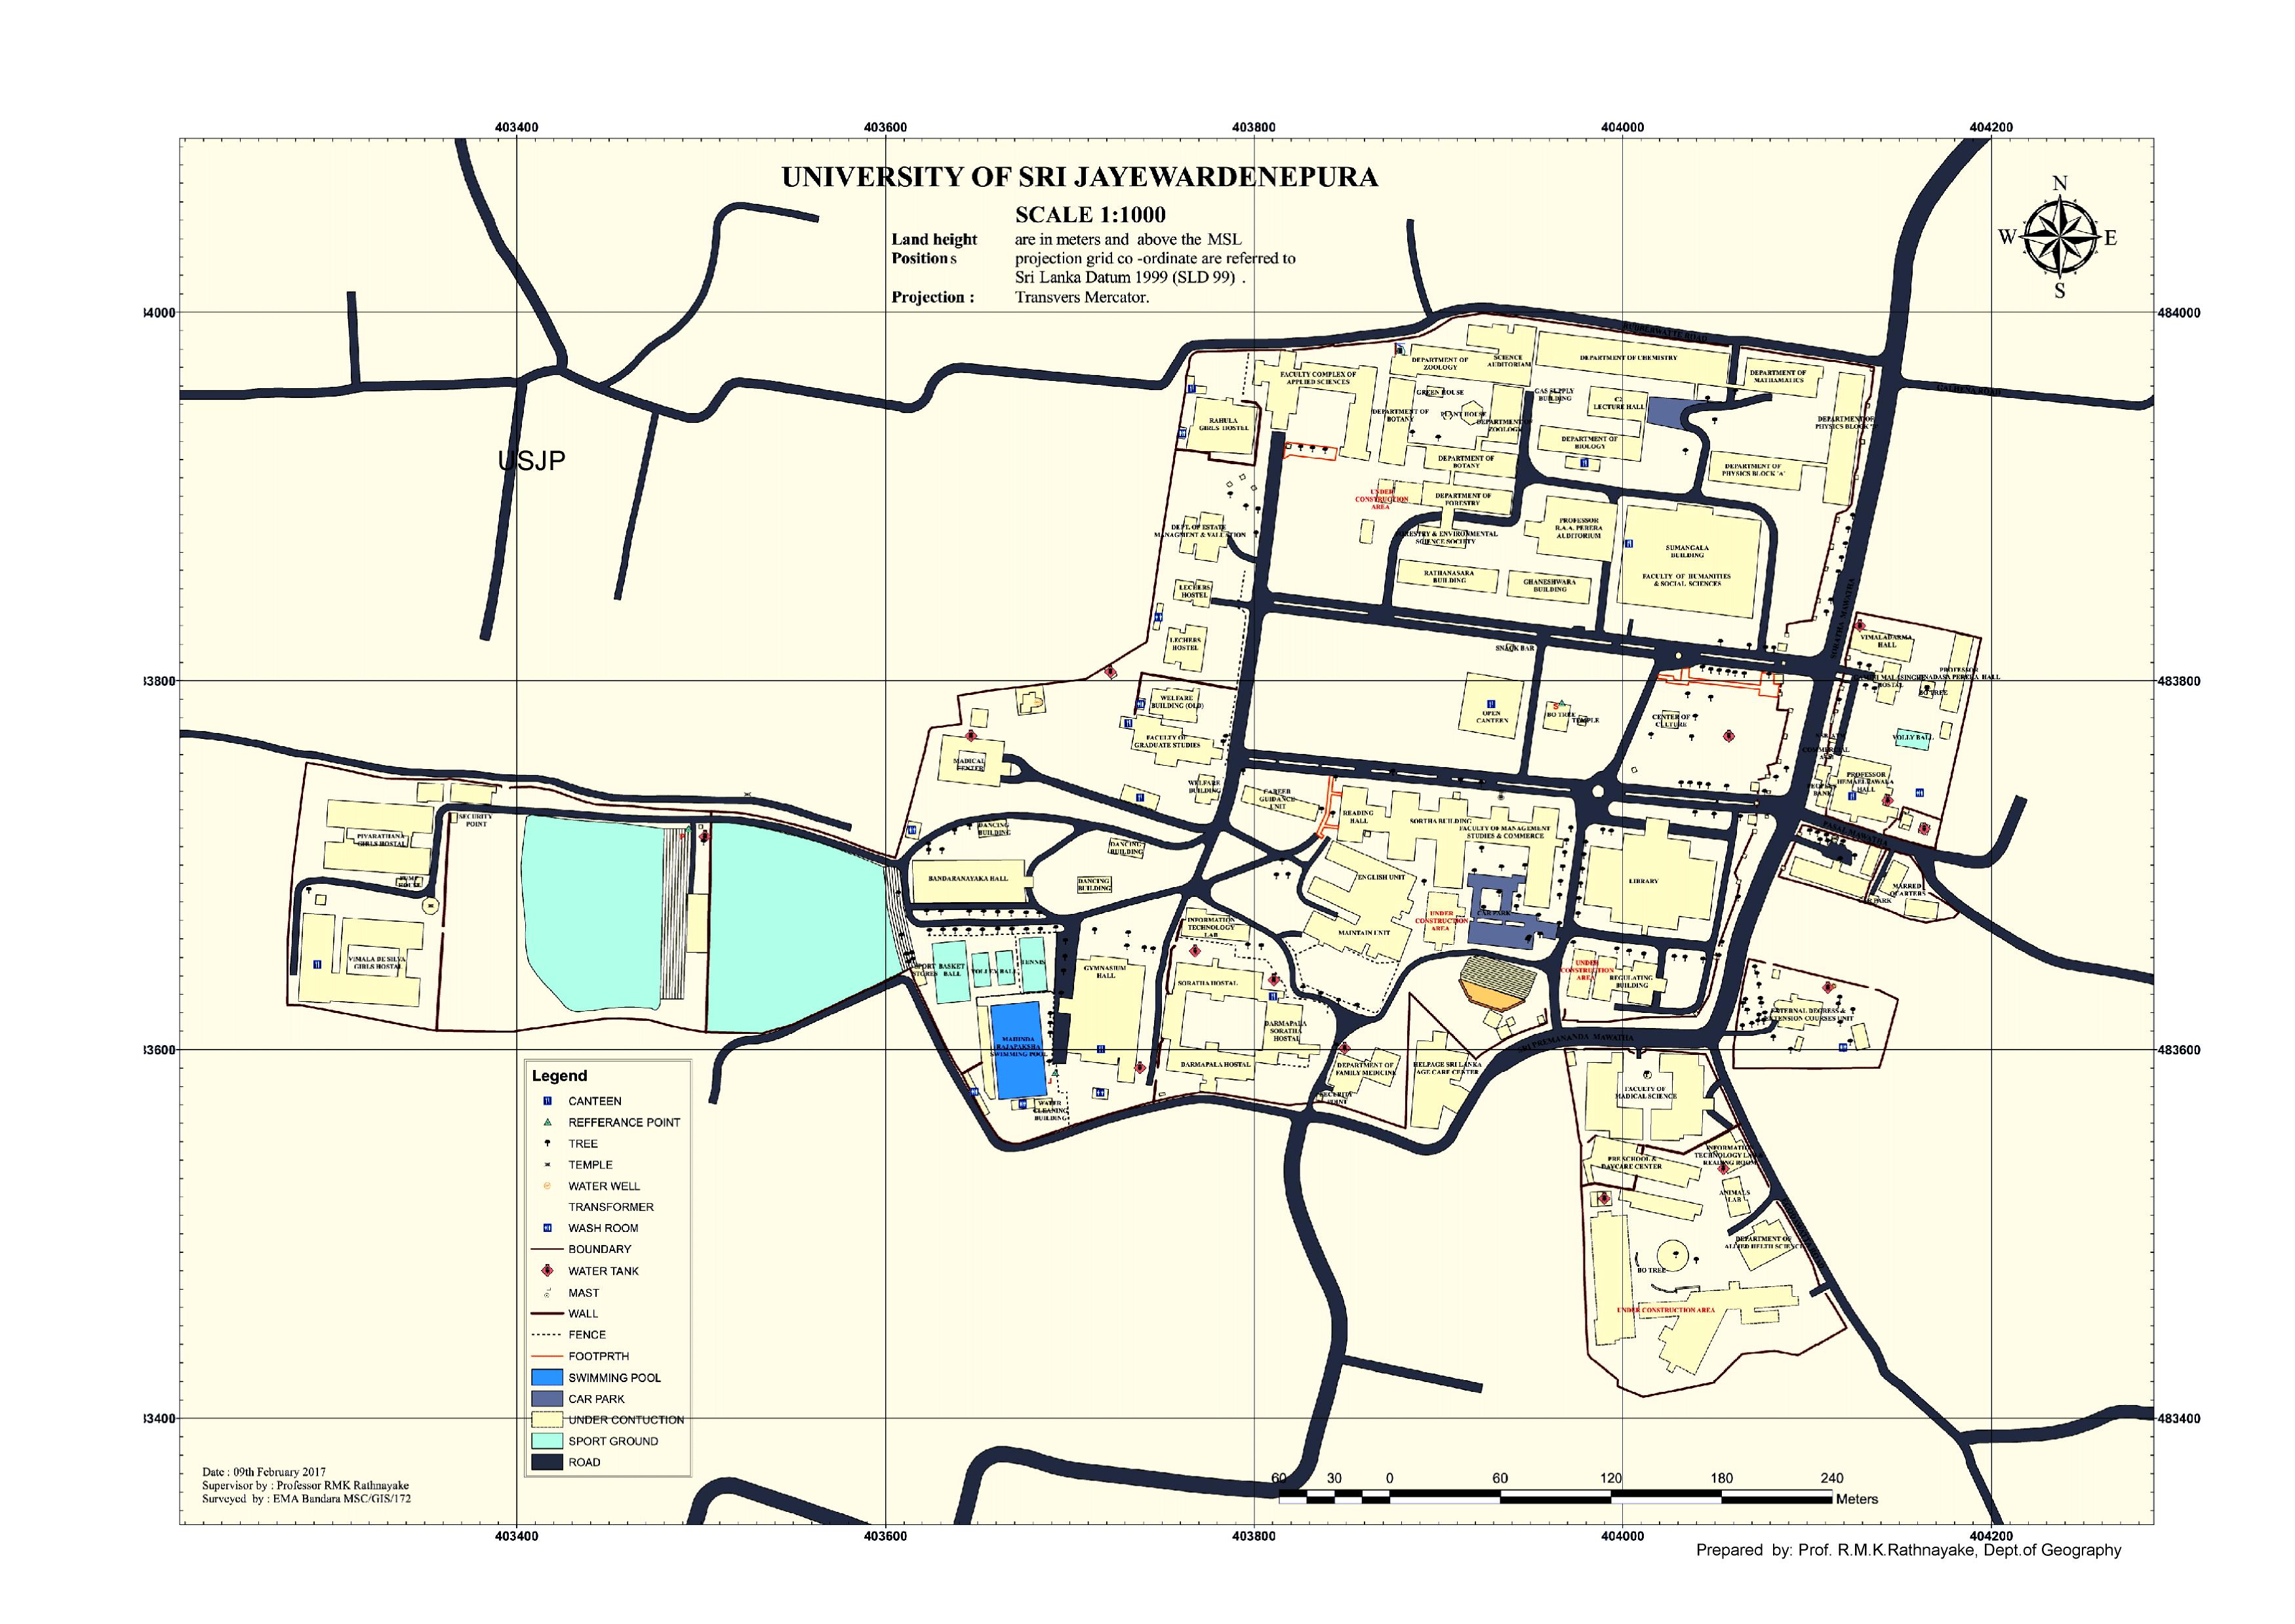 Location map of University of Sri Jayewardenepura - University of